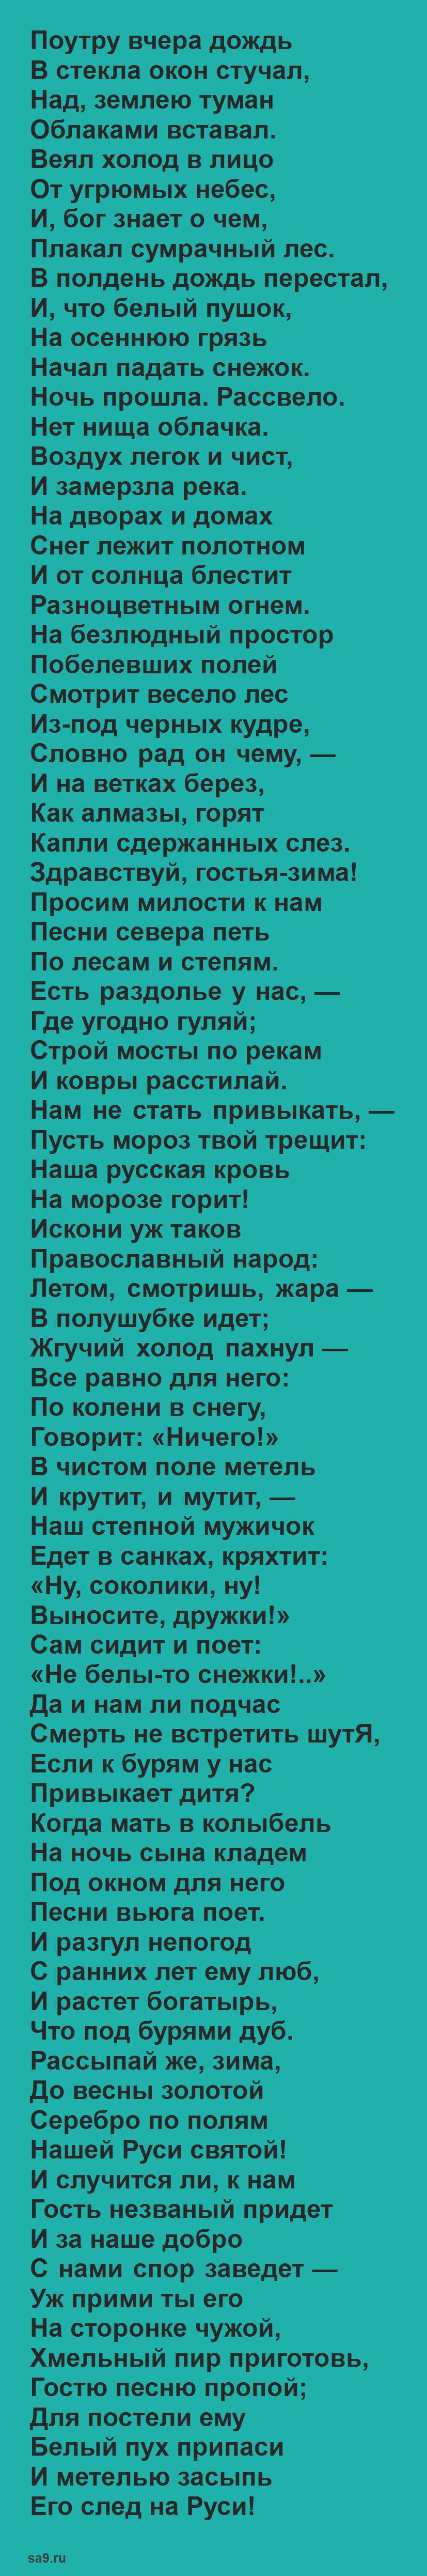 Читать стихи Никитина 4 класс - Встреча зимы